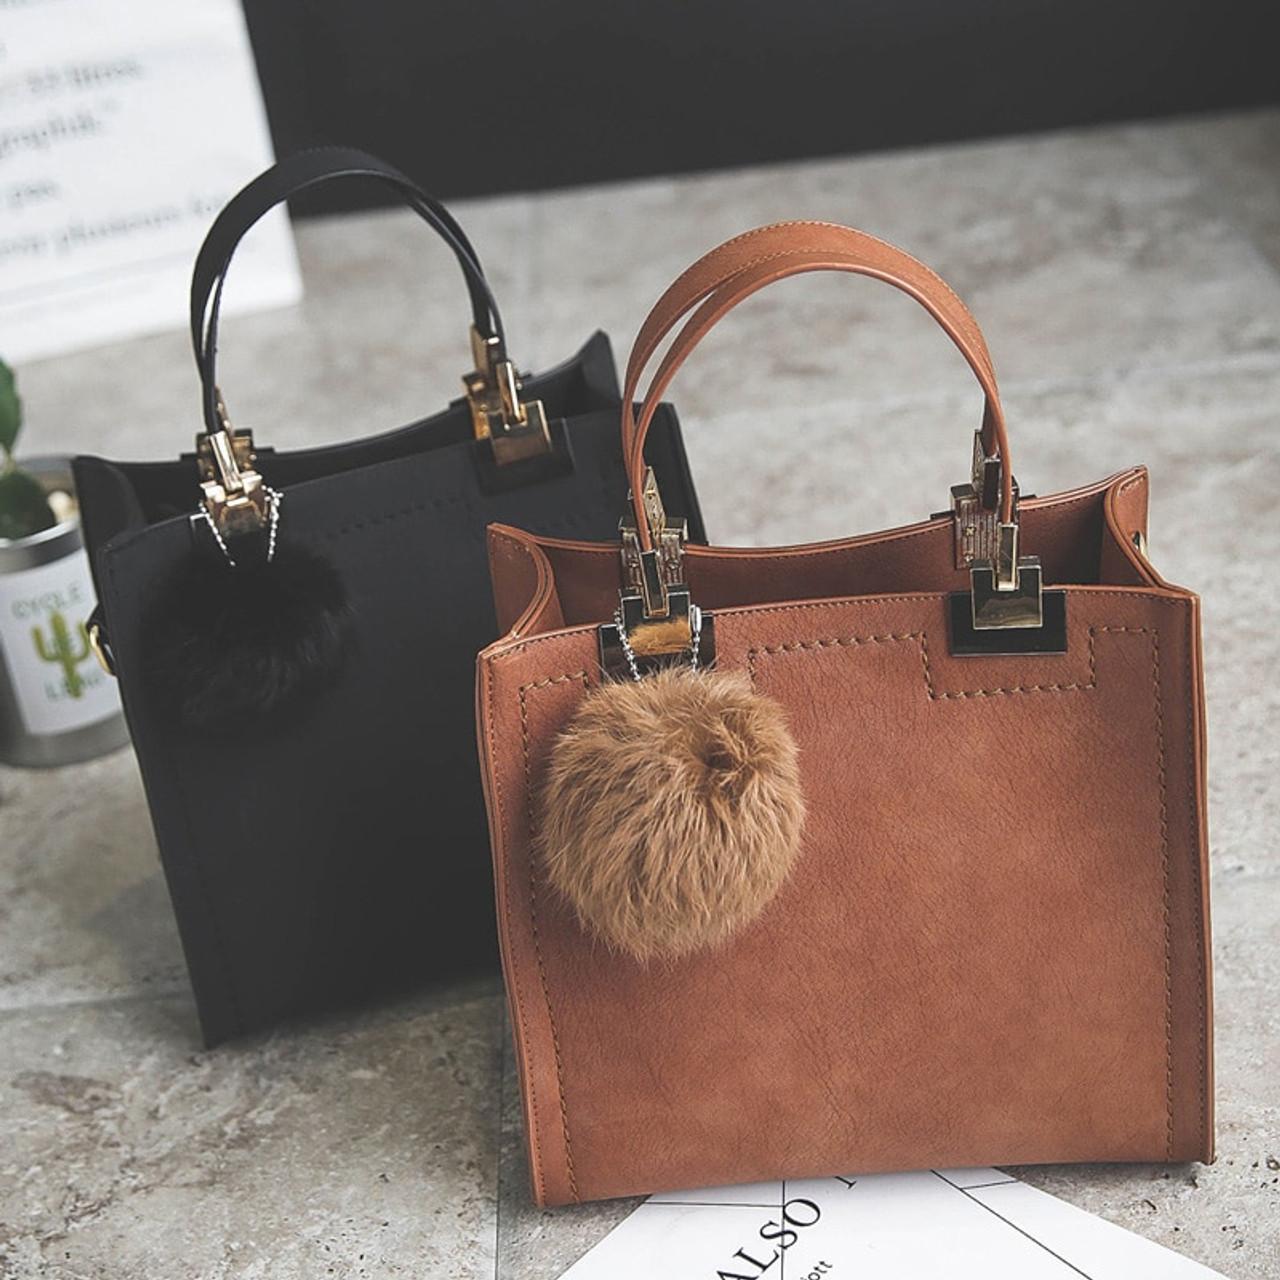 NEW HOT SALE handbag women casual tote bag female large shoulder messenger bags  high quality Suede Leather handbag with fur ball - OnshopDeals.Com 8cbd6ed12e9e2